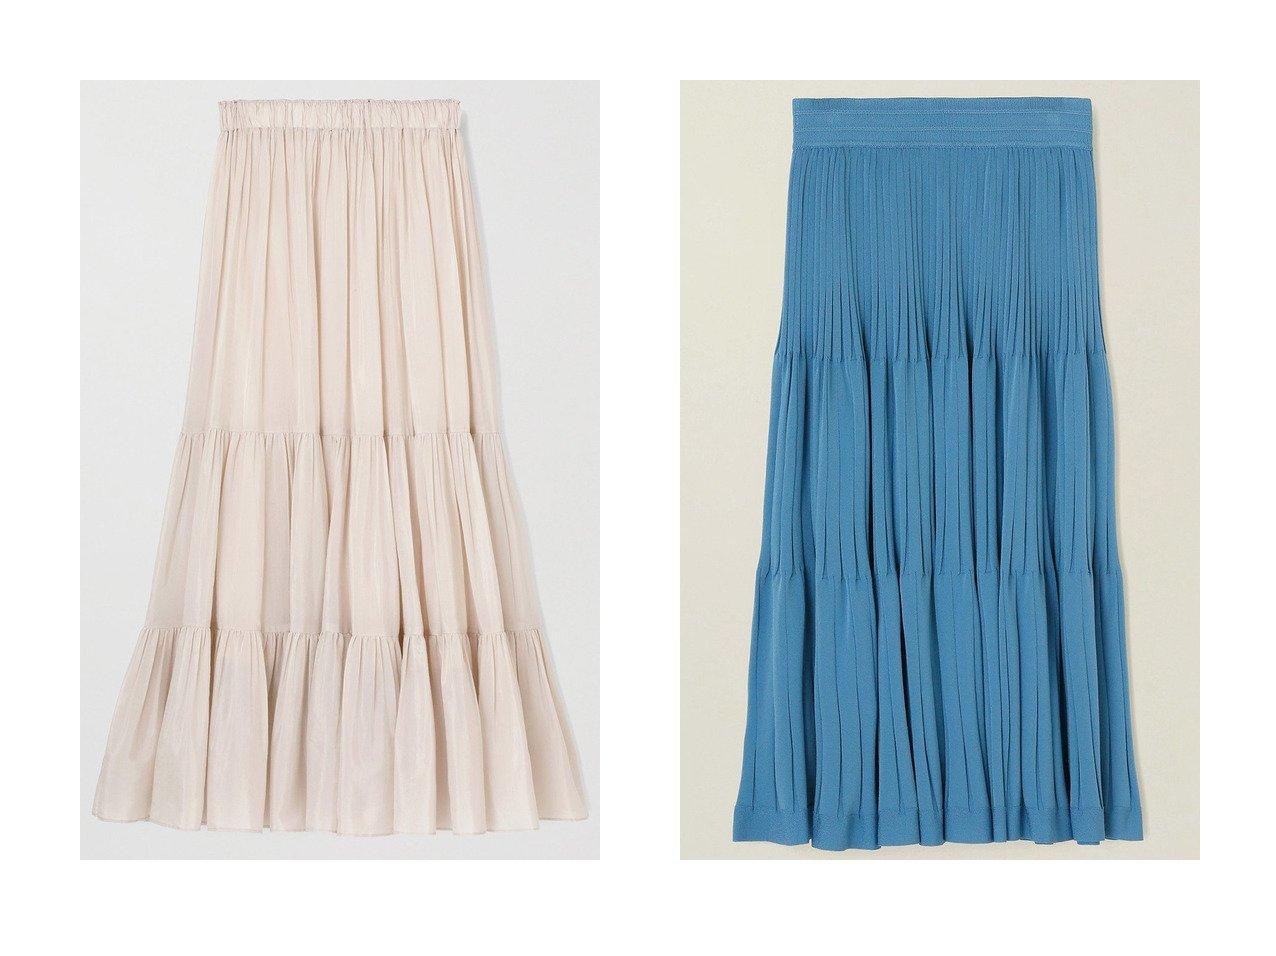 【ANAYI/アナイ】のライトローンティアードスカート&レーヨンナイロンティアードニット スカート スカートのおすすめ!人気、トレンド・レディースファッションの通販 おすすめで人気の流行・トレンド、ファッションの通販商品 メンズファッション・キッズファッション・インテリア・家具・レディースファッション・服の通販 founy(ファニー) https://founy.com/ ファッション Fashion レディースファッション WOMEN スカート Skirt ティアードスカート Tiered Skirts ロングスカート Long Skirt 2021年 2021 2021 春夏 S/S SS Spring/Summer 2021 S/S 春夏 SS Spring/Summer ギャザー ティアードスカート プリーツ ミックス ロング 春 Spring |ID:crp329100000023895